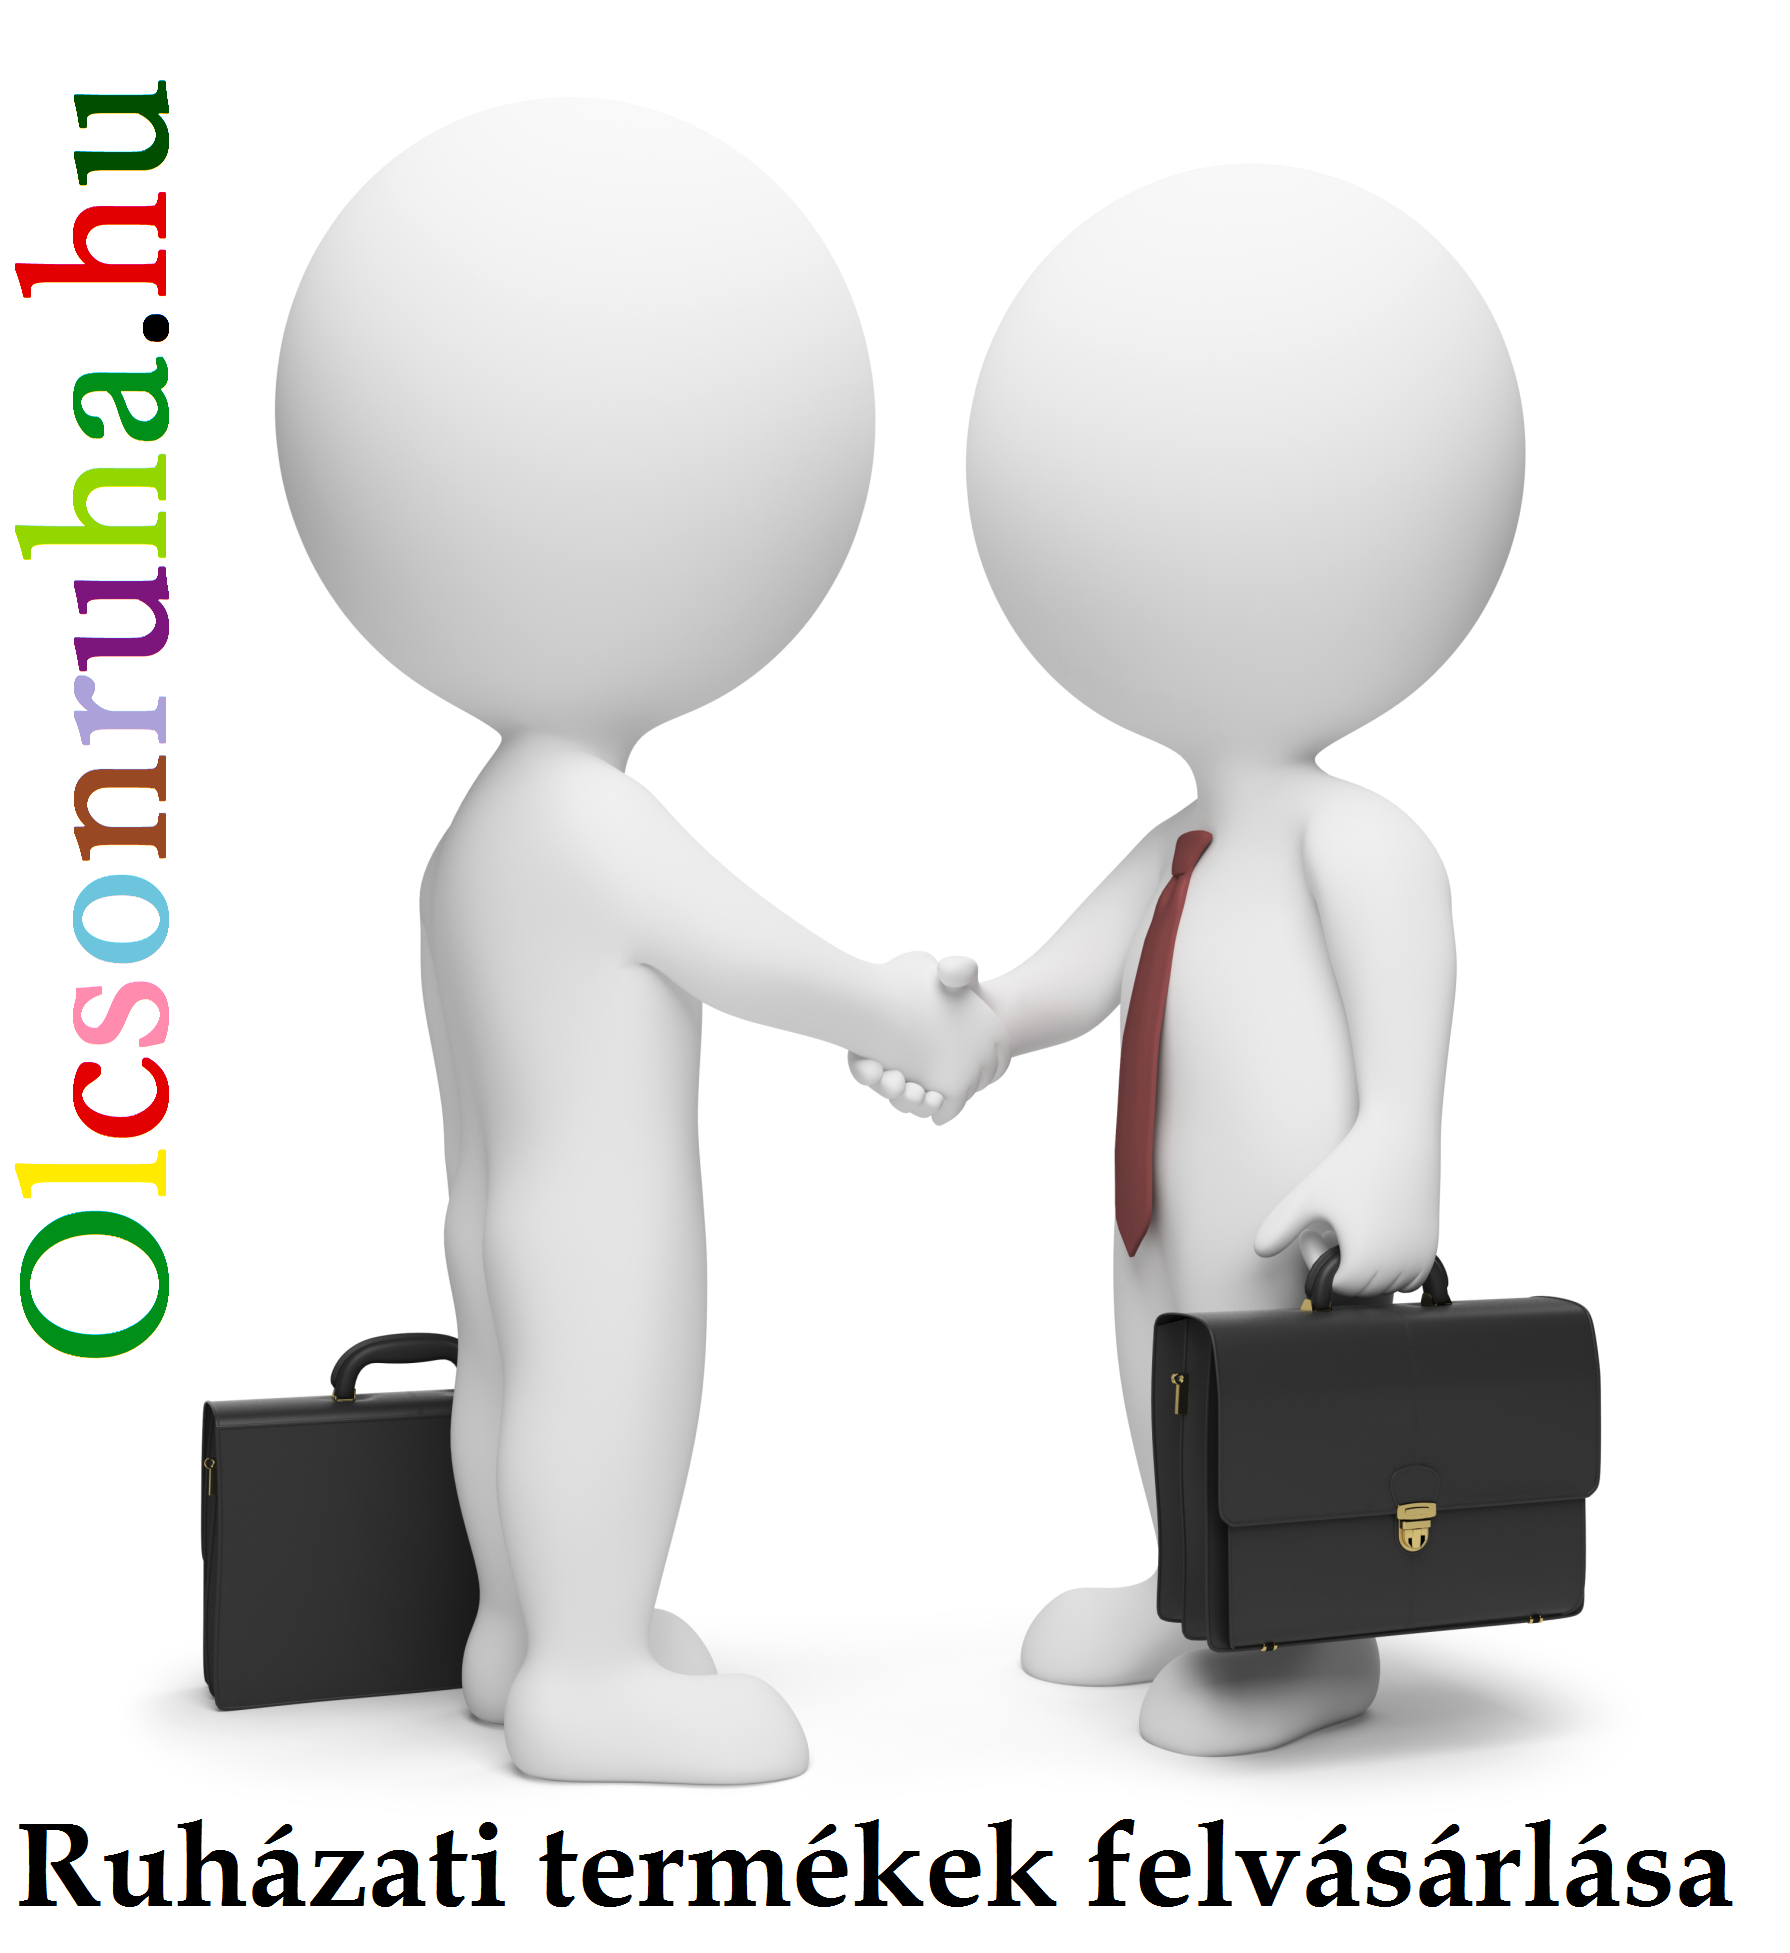 e119478579 Elfekvő raktárkészlet, árukészlet: Amennyiben vállalkozása rendelkezik  olyan elfekvő raktárkészlettel, árukészlettel, amelyre jelen